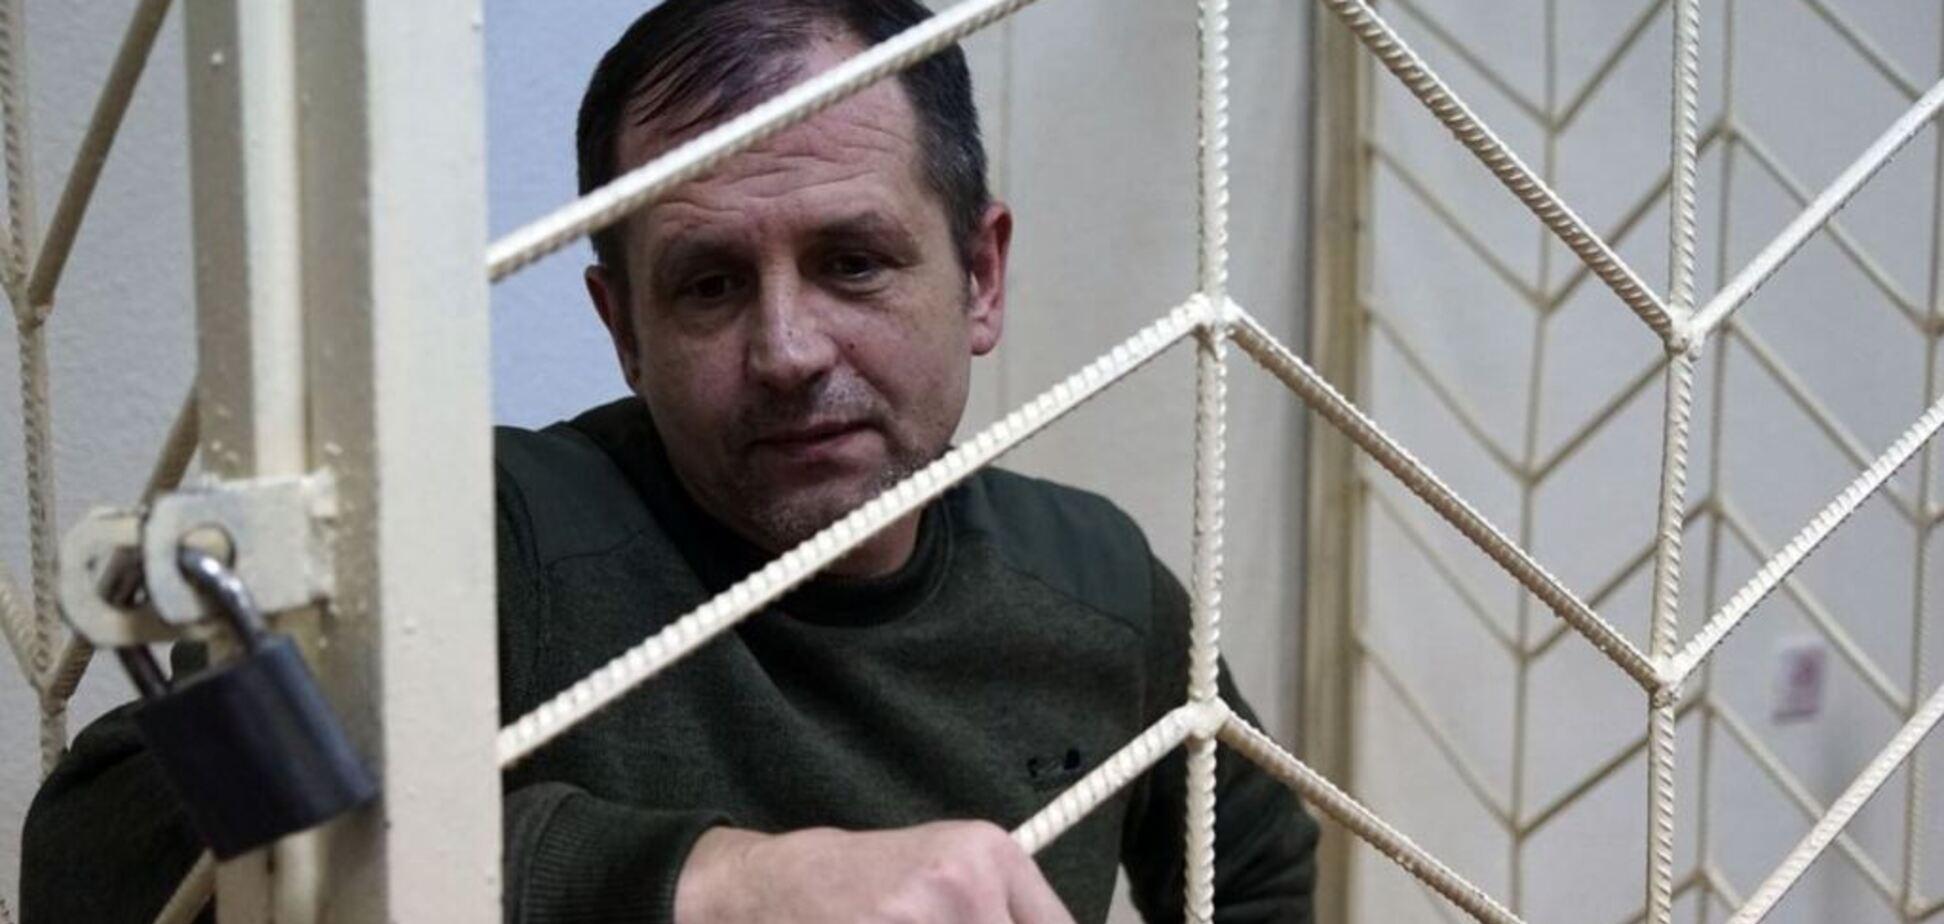 Большой обмен или маневр Кремля? Адвокаты высказались об исчезновении Балуха